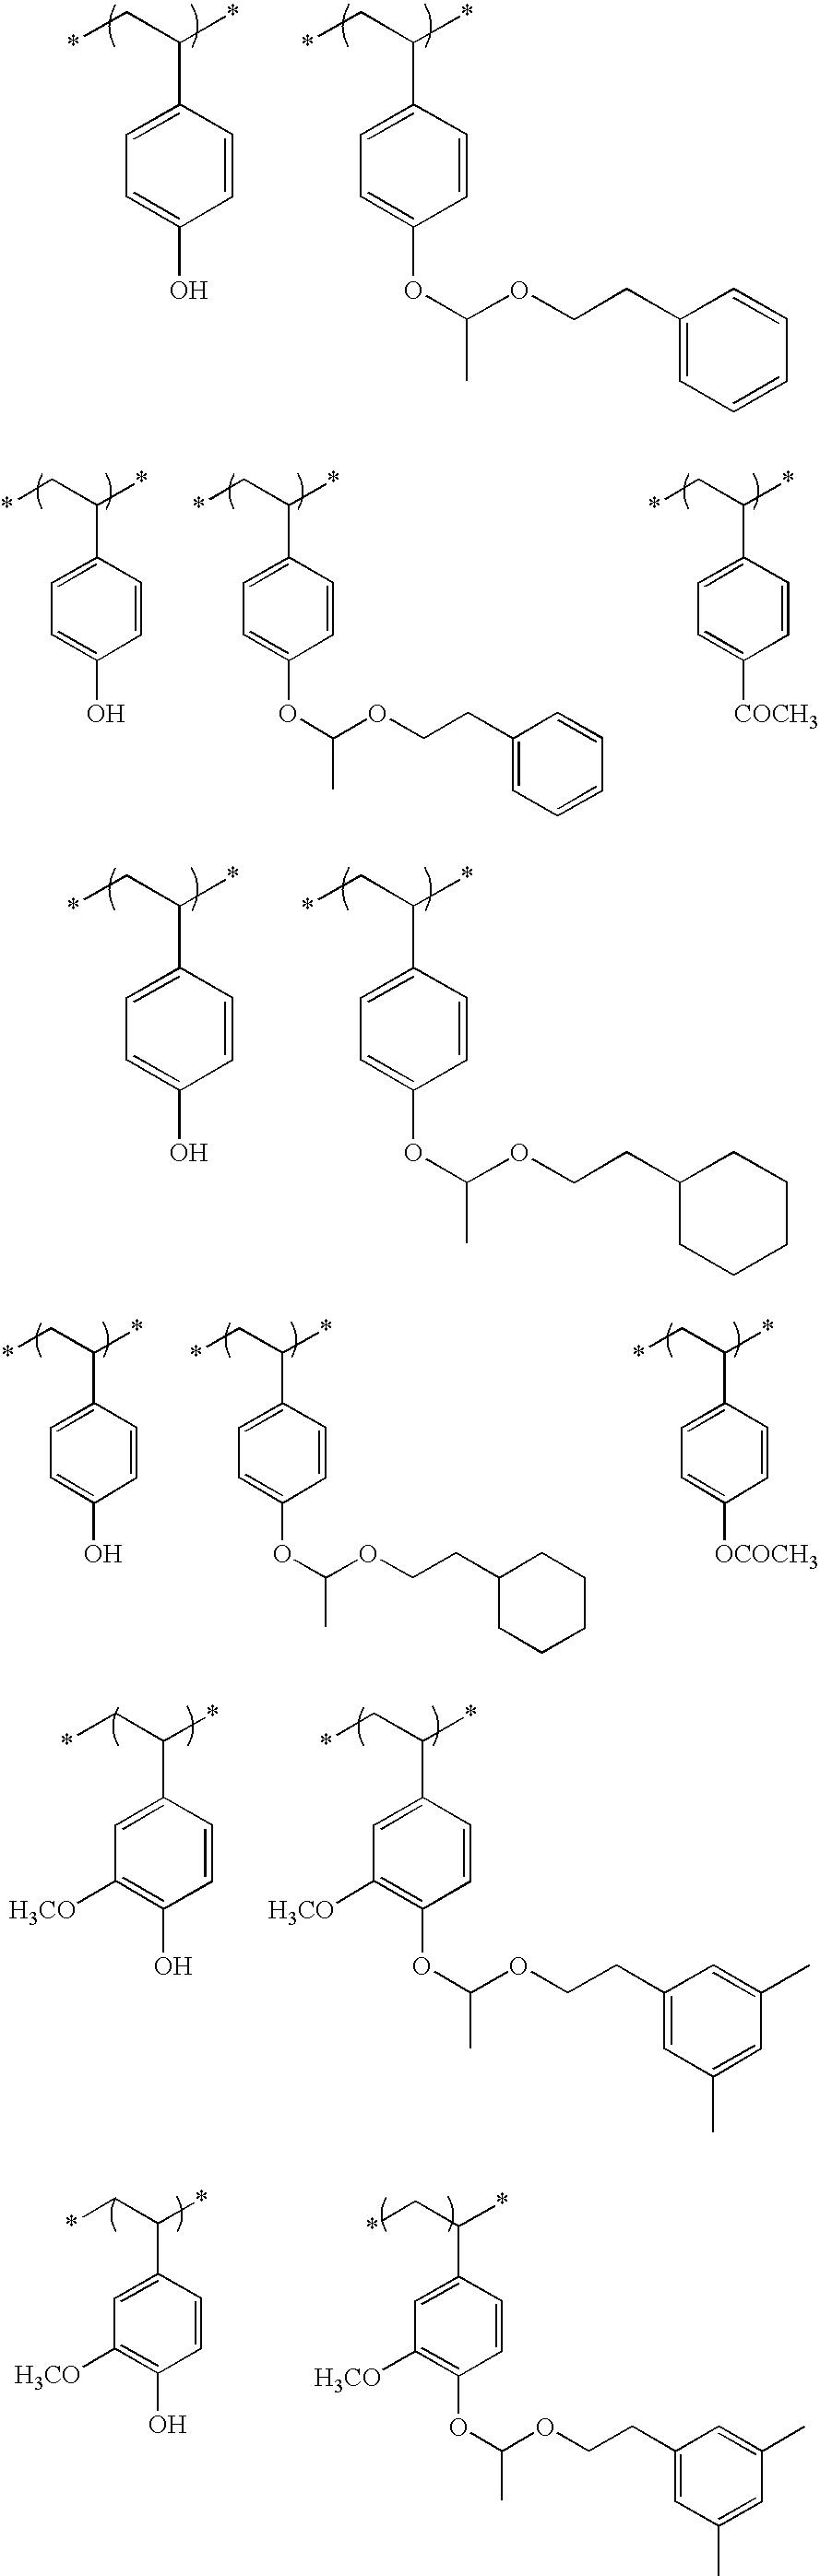 Figure US08852845-20141007-C00212